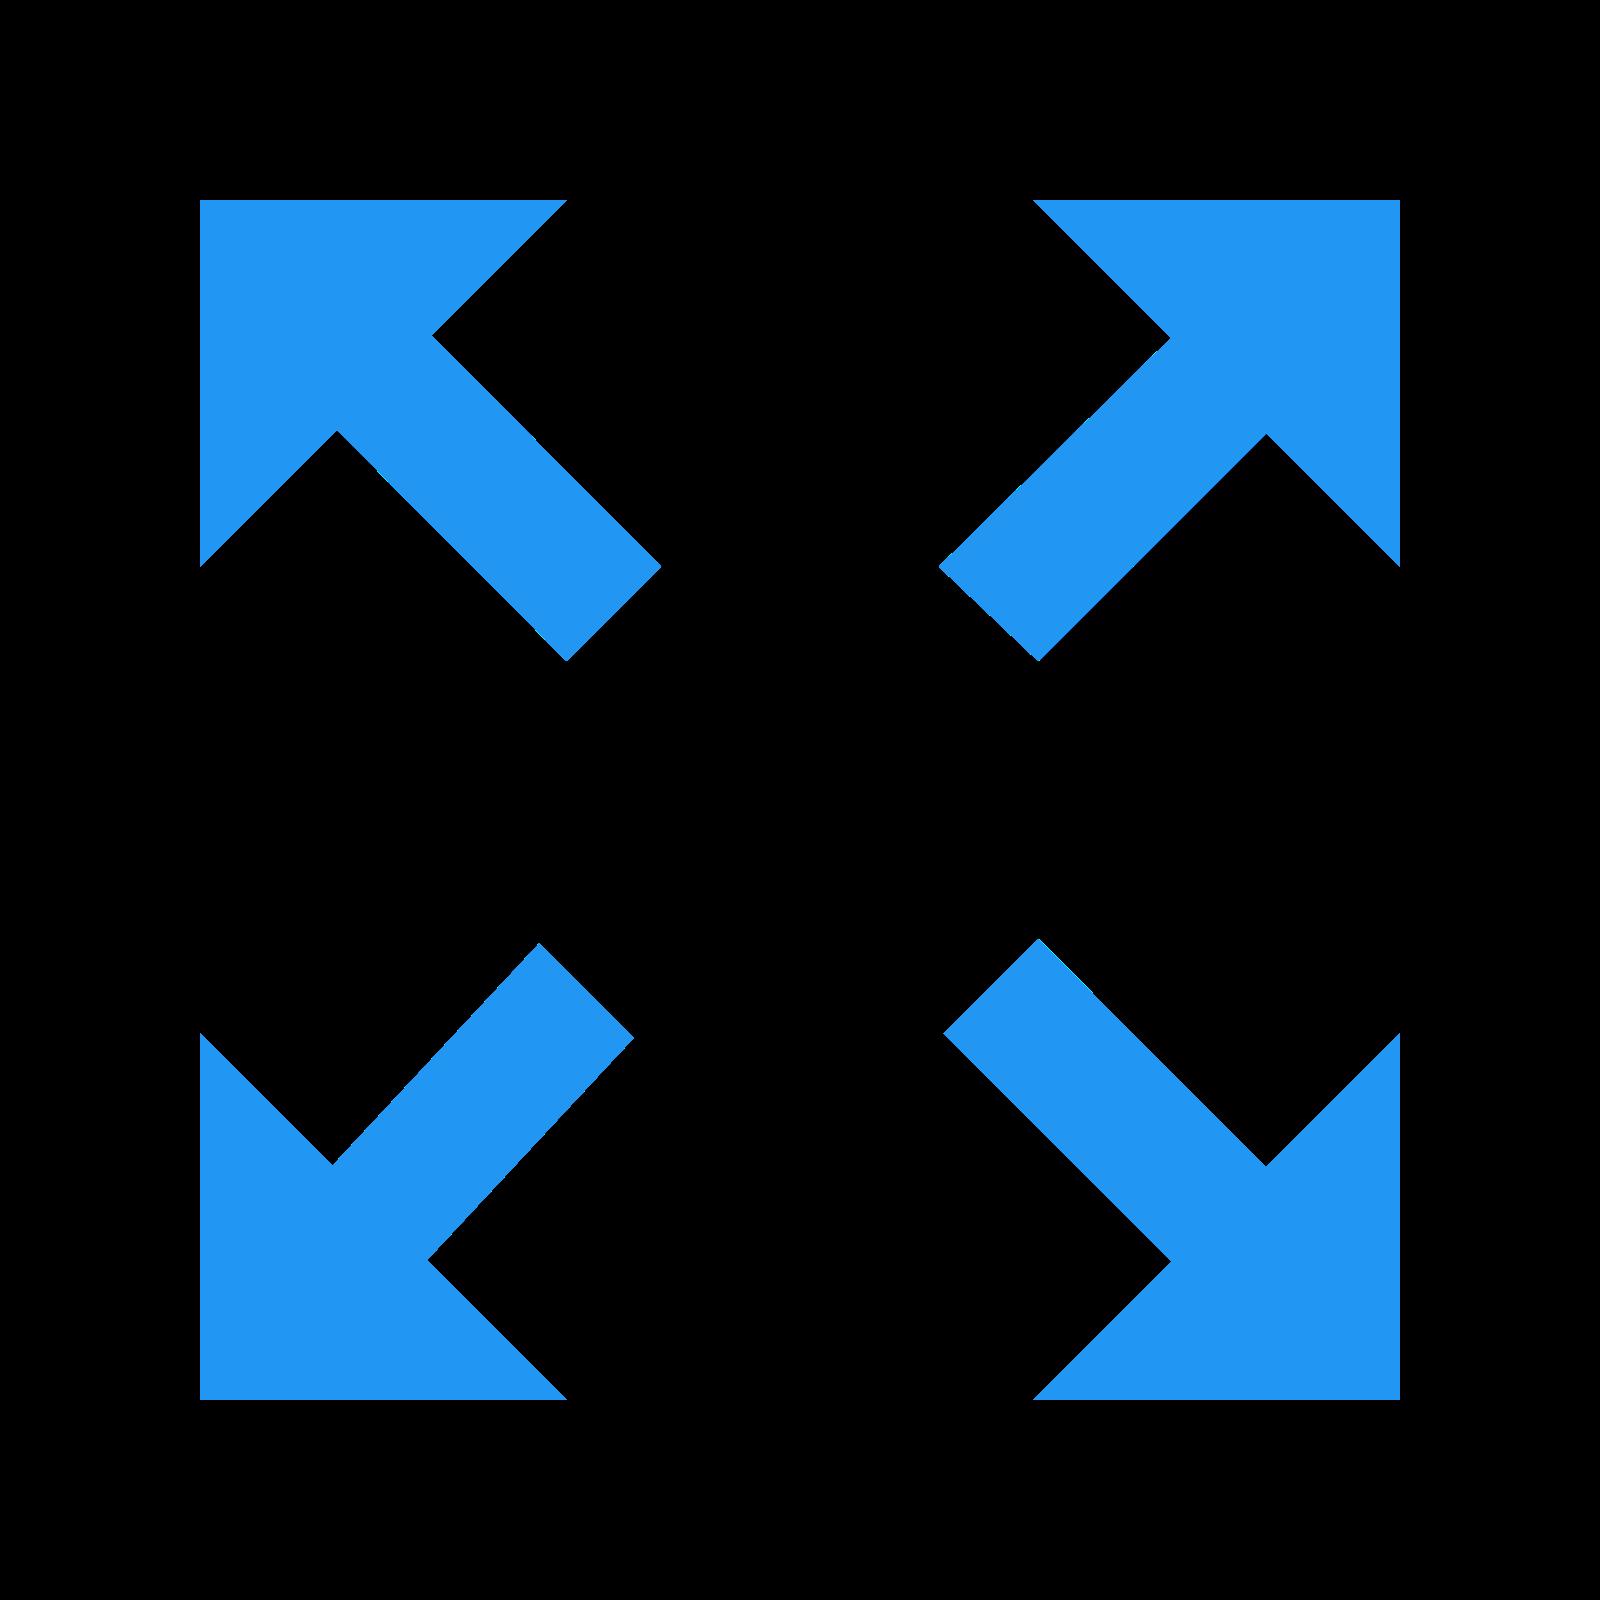 拡大 icon. The Expand icon is made up of four arrows, the arrow head is a right angle and the shaft is a straight line.  The arrows start around the center of an invisible square and the arrows point to a corner of the invisible square.  The arrow heads each make a corner of the invisible square.